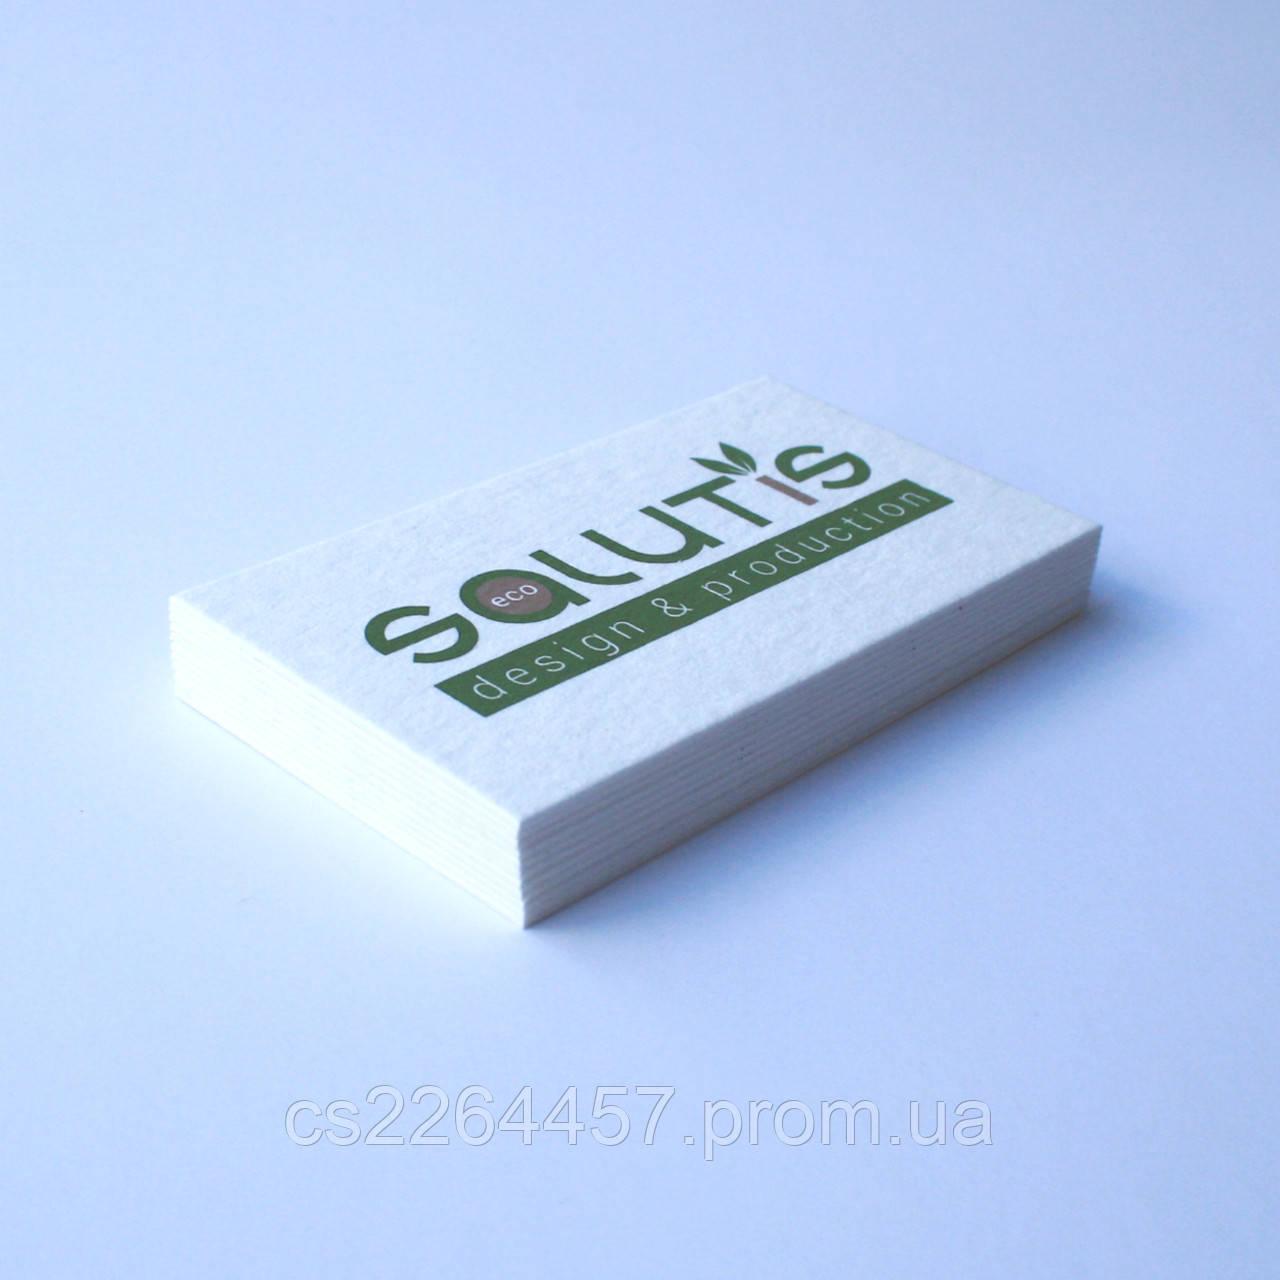 Набор визиток эко